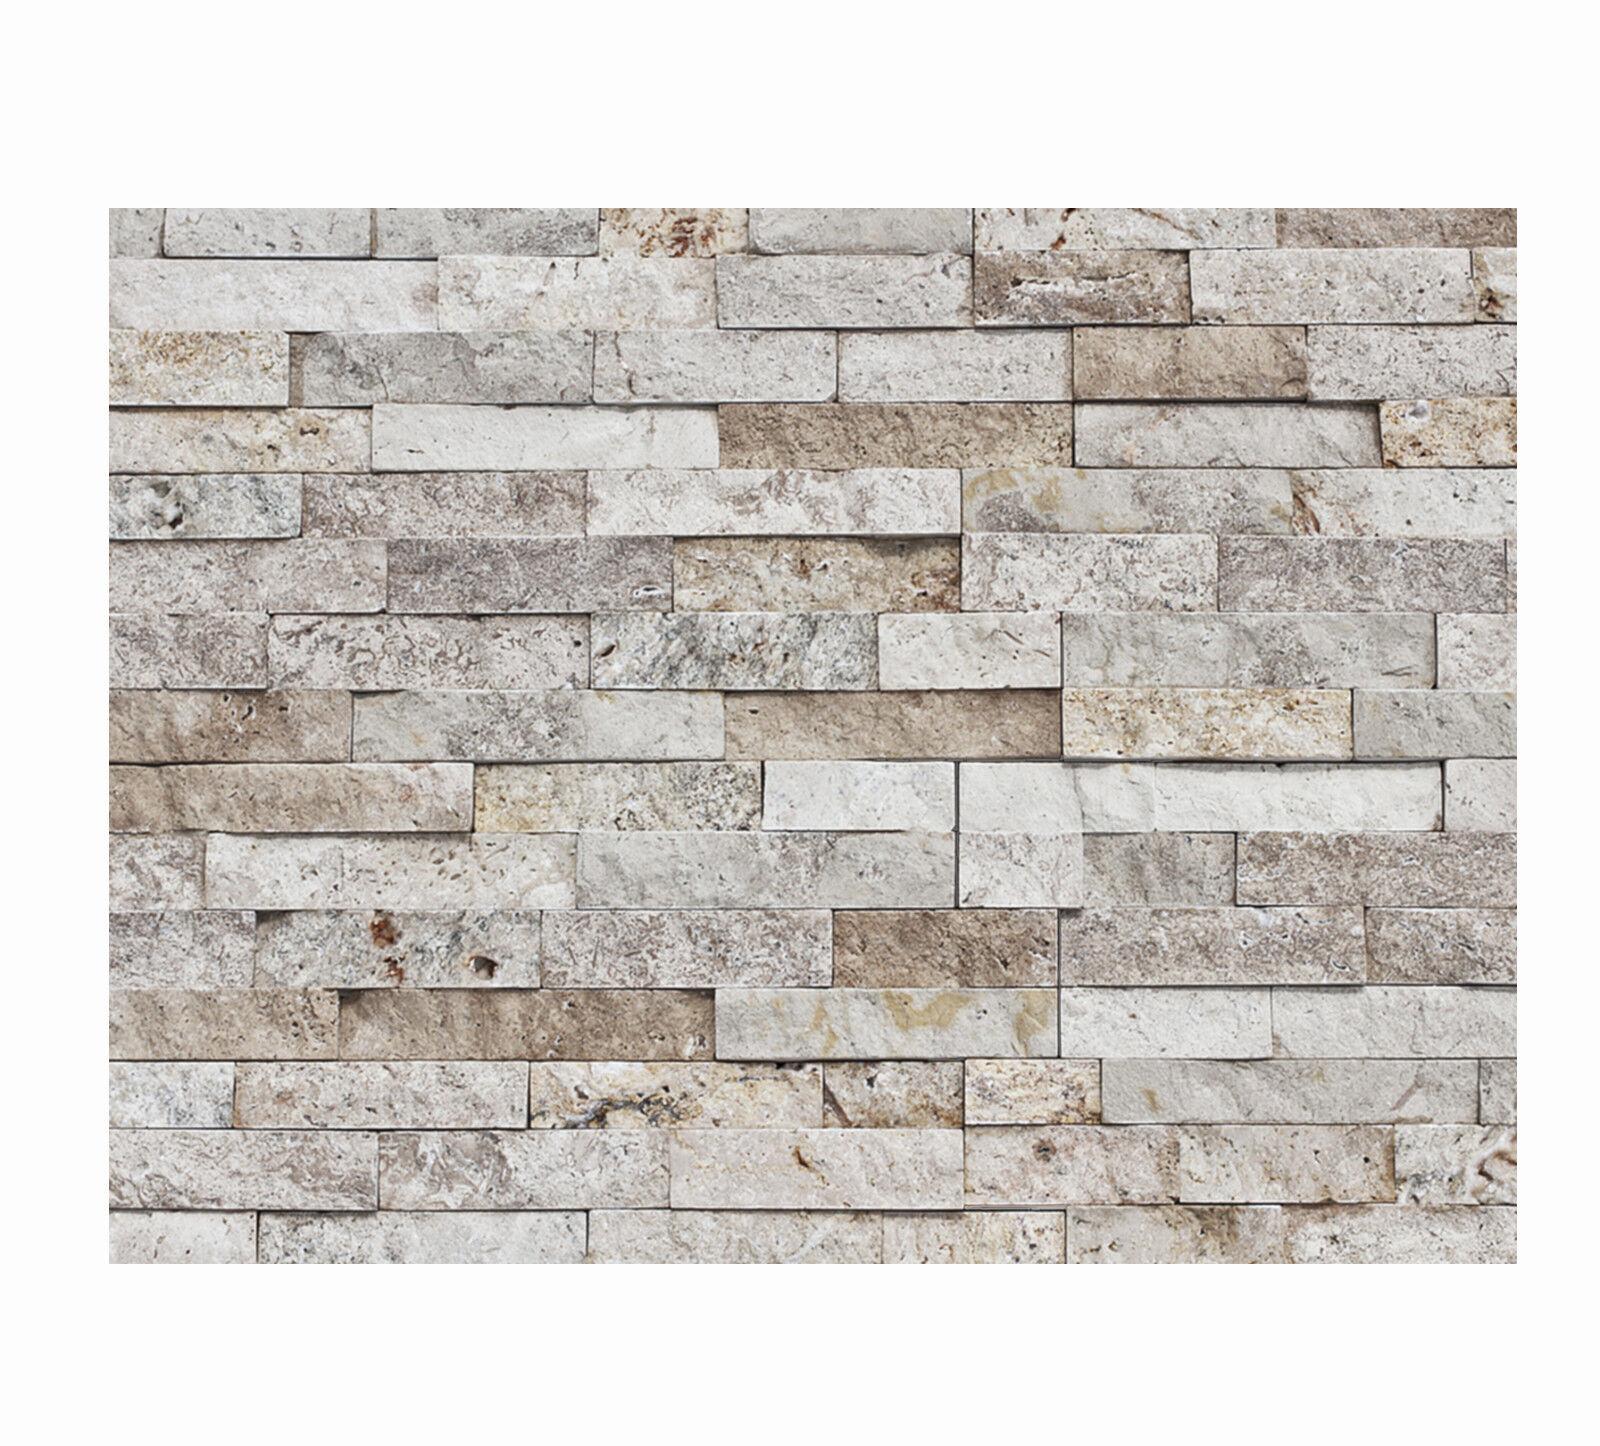 1 qm - W-013 - Naturstein-Wand - Fliesen Lager Stein-mosaik Herne - Wanddesign -